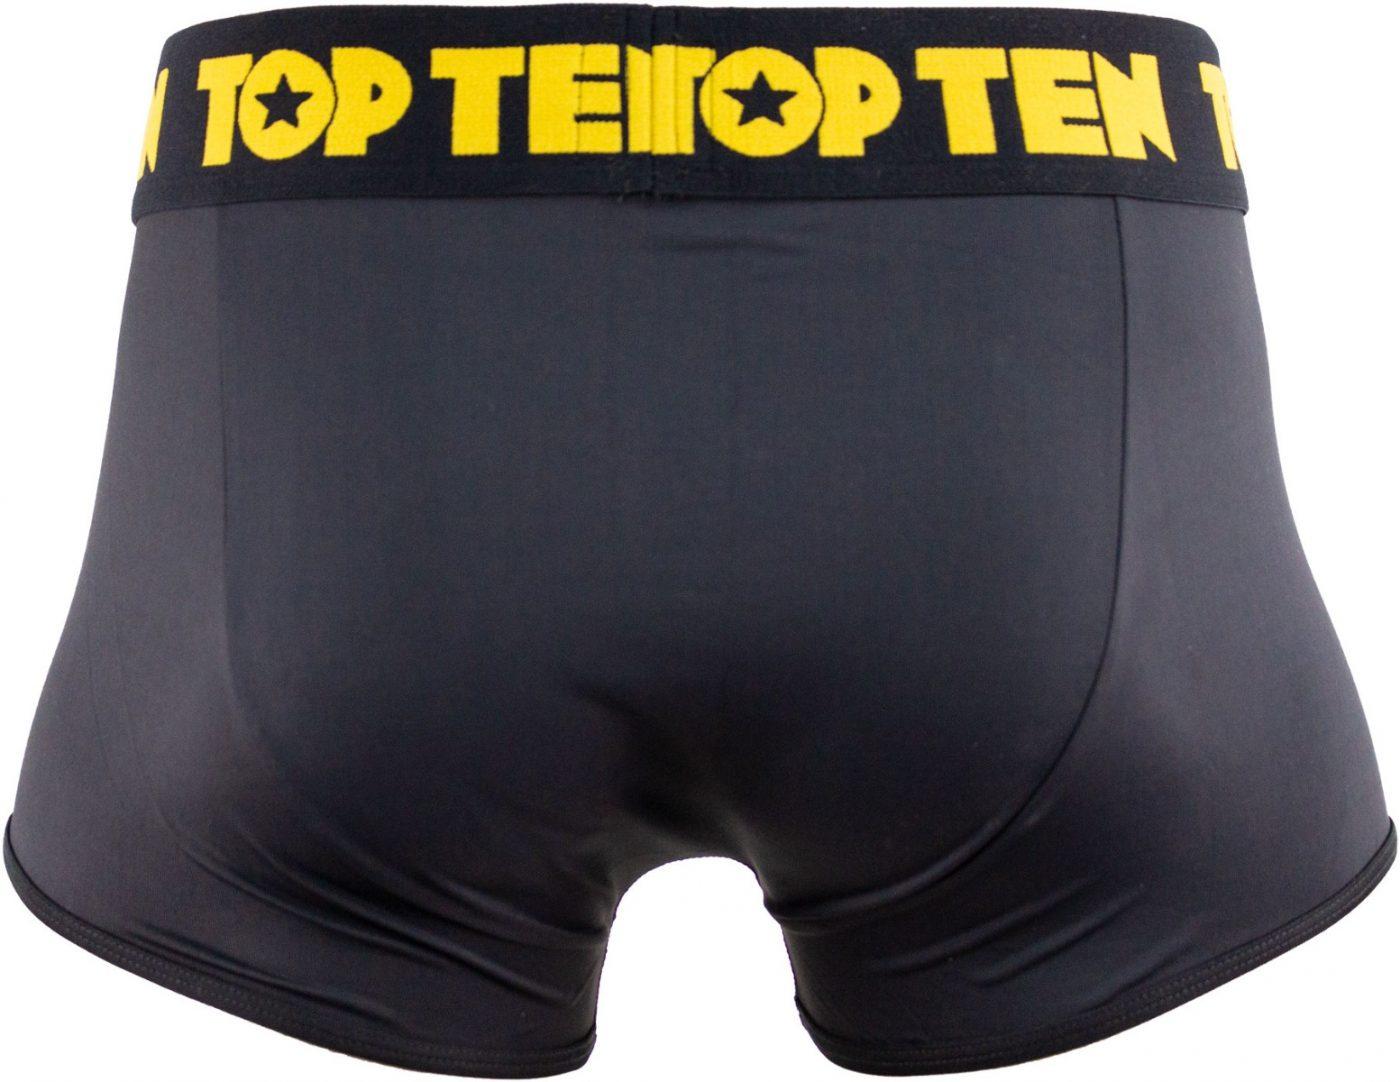 TOP TEN Boxershorts Zwart - goud